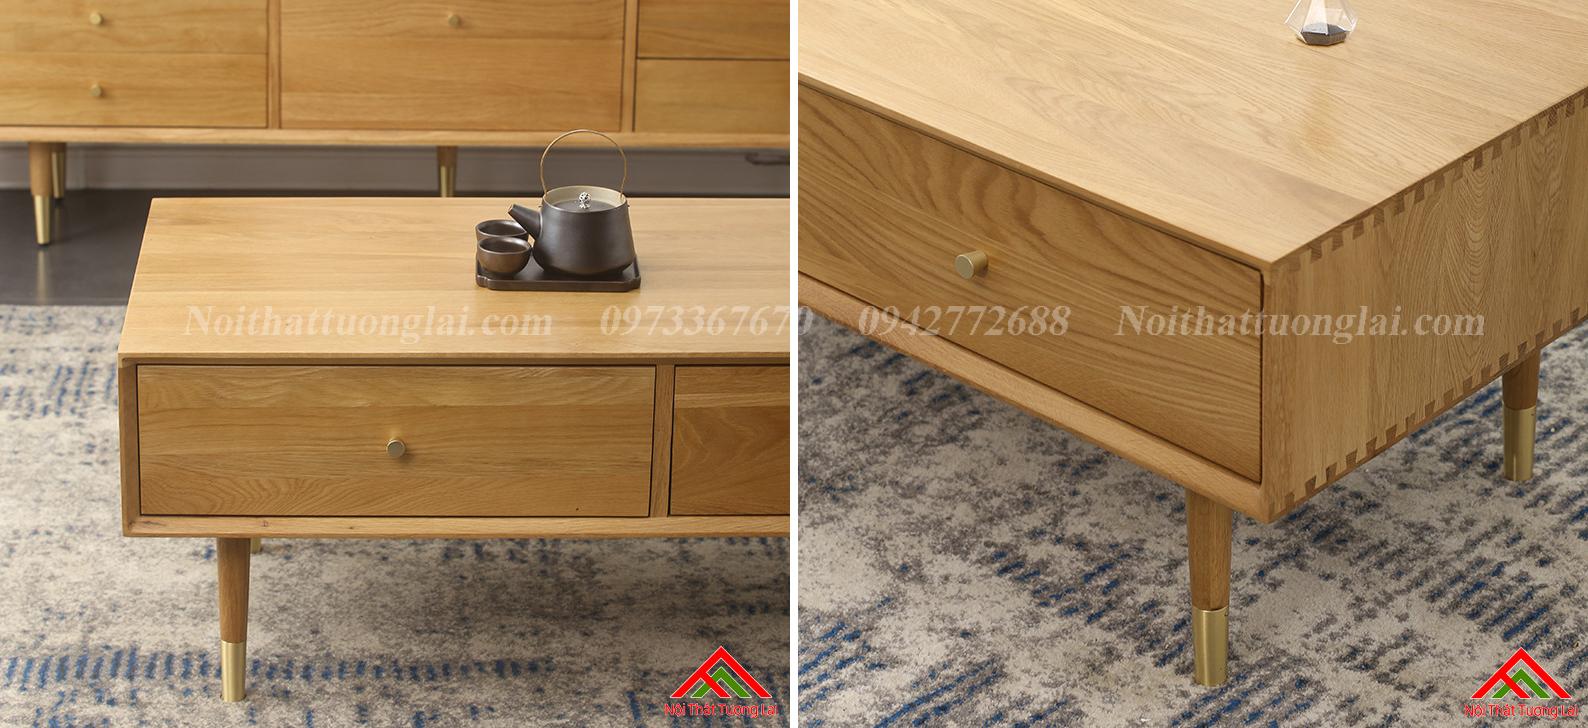 Bàn trà sofa kết cấu chắc chắn BN6809 5